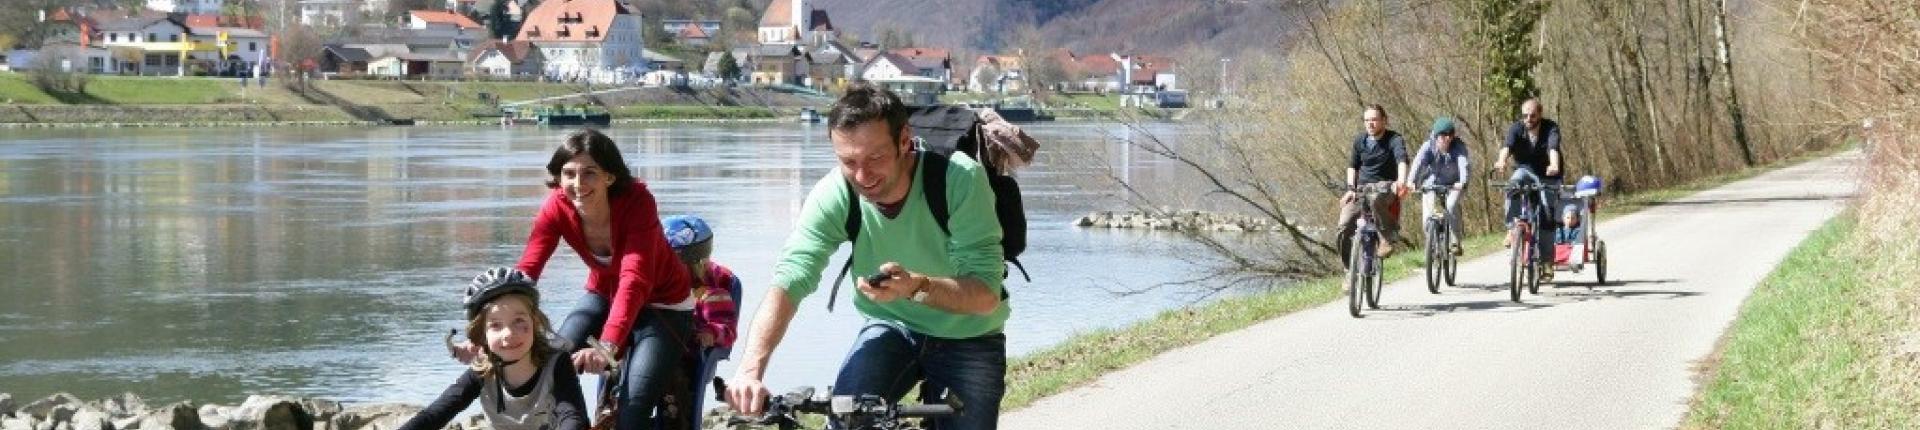 טיול אופניים לאורך הדנובה למשפחות מלינץ לוינה ב-7 ימים